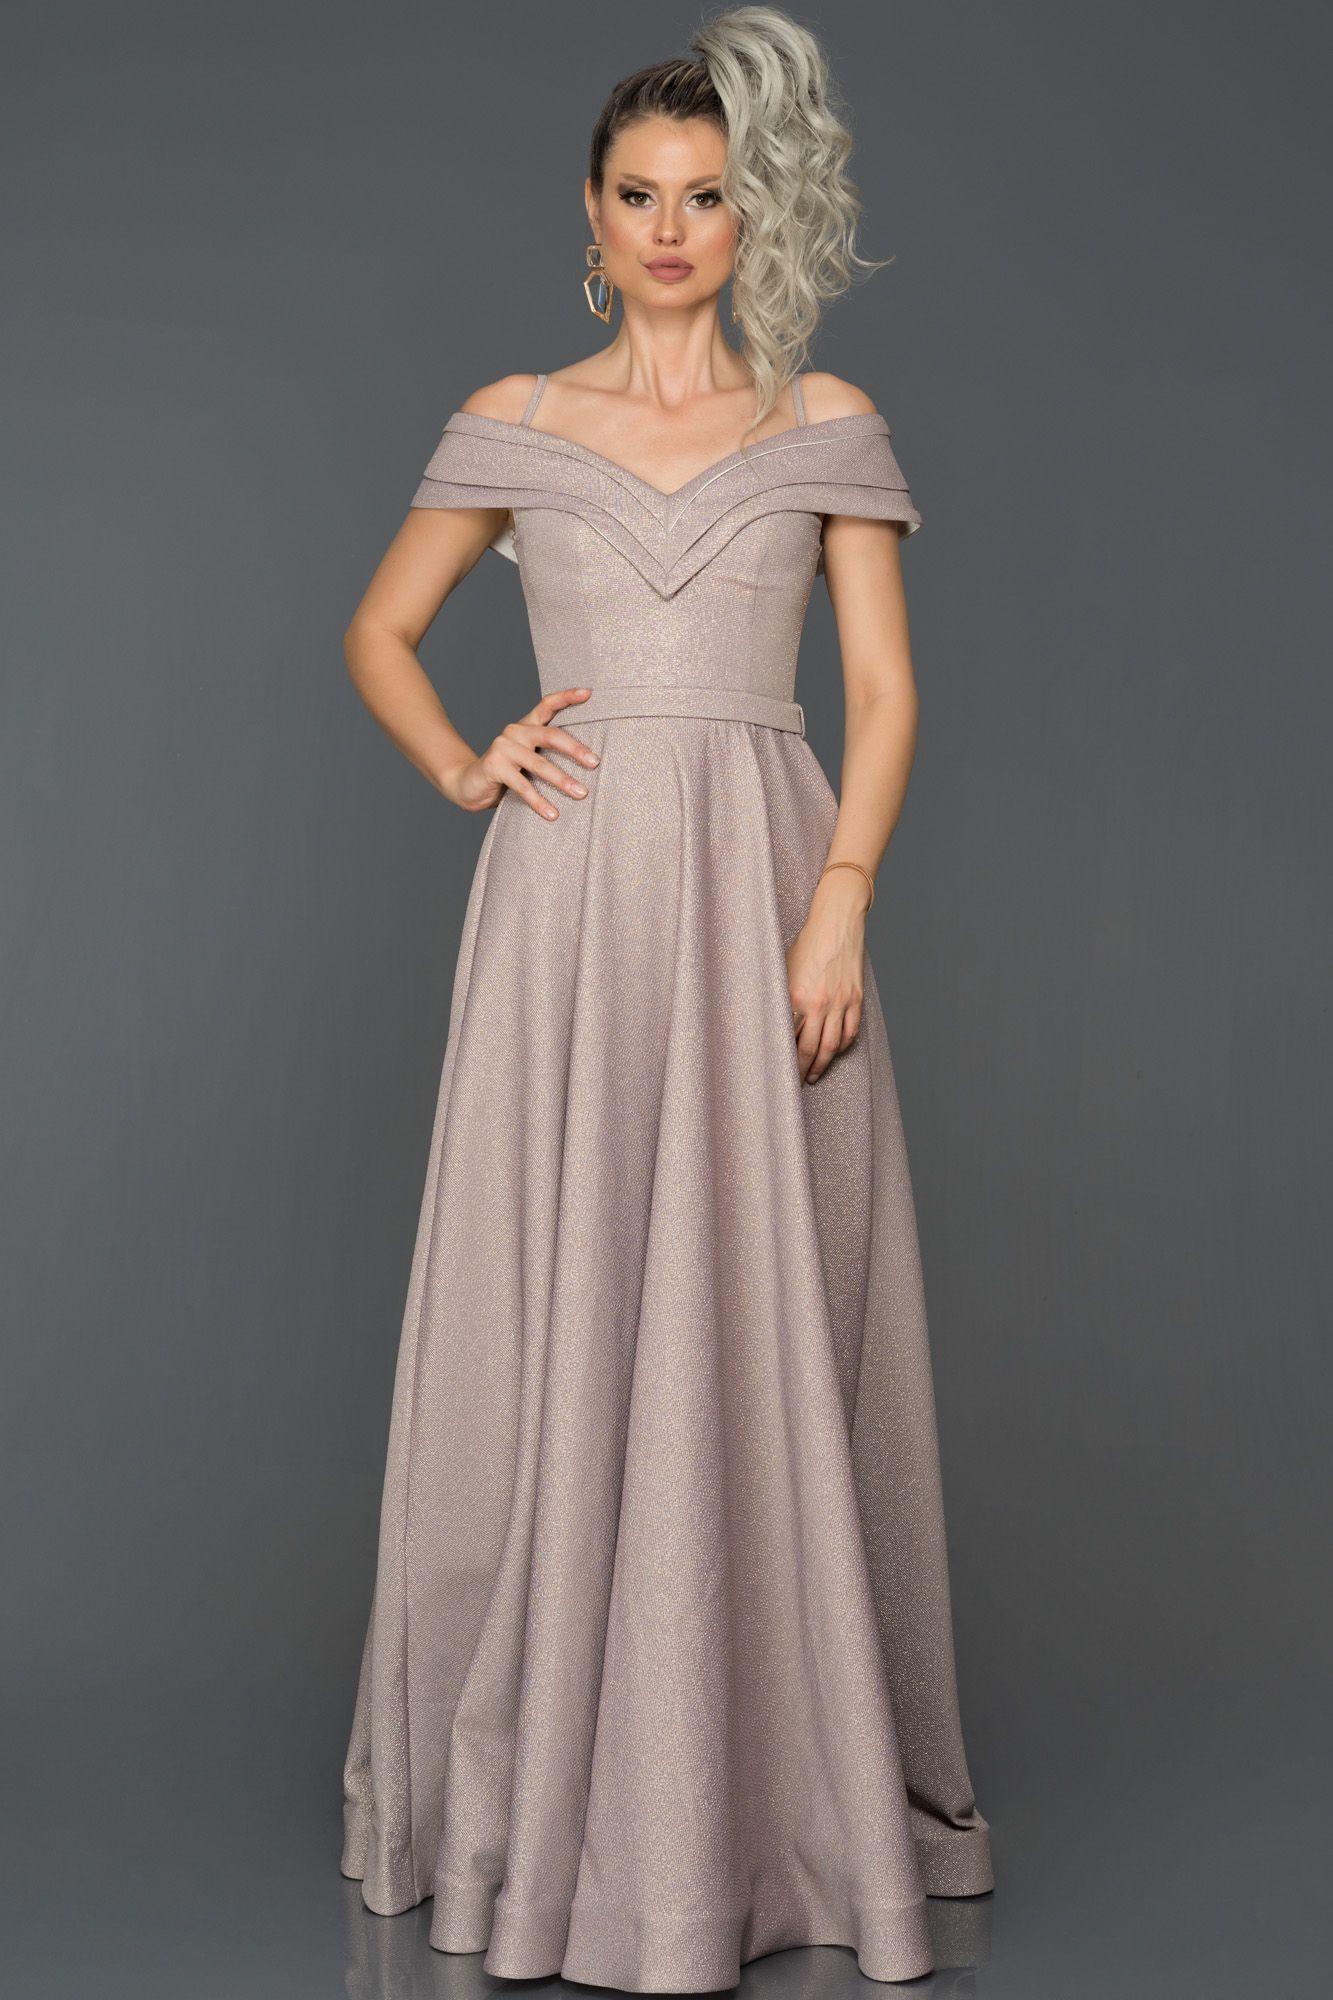 c795b3a0c2b50 Simli Uzun Abiye Elbise AB7588 | 2018 Abiye Elbise Modelleri ...